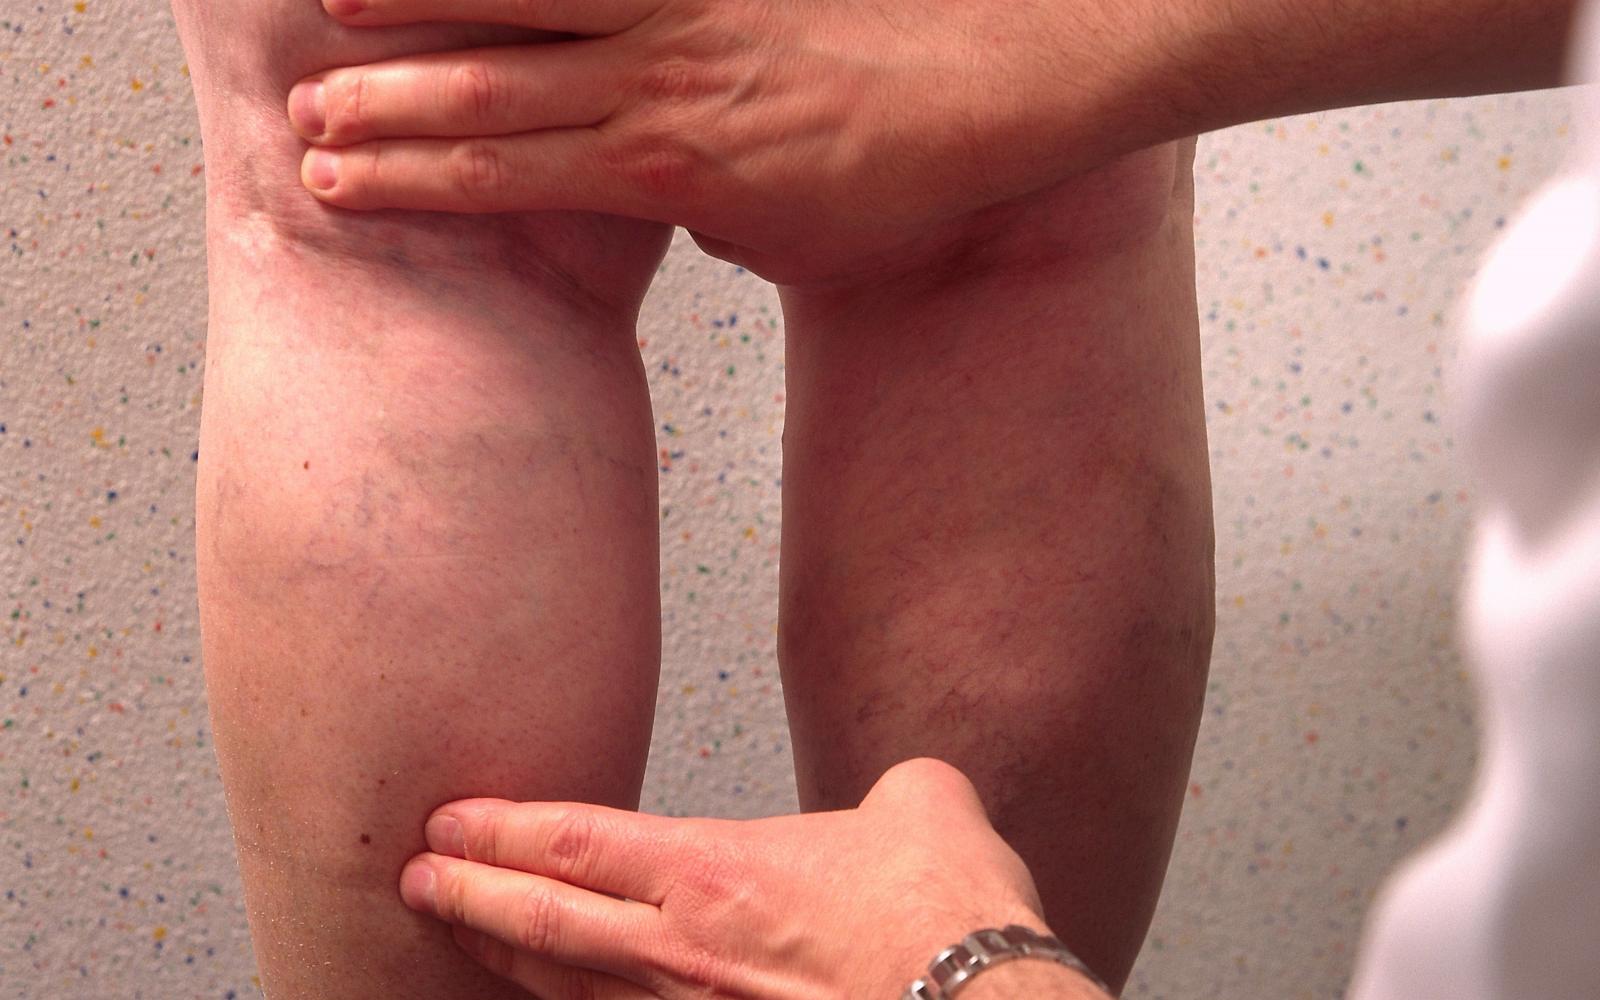 A vénák betegségei - A visszerek járás közben fájnak